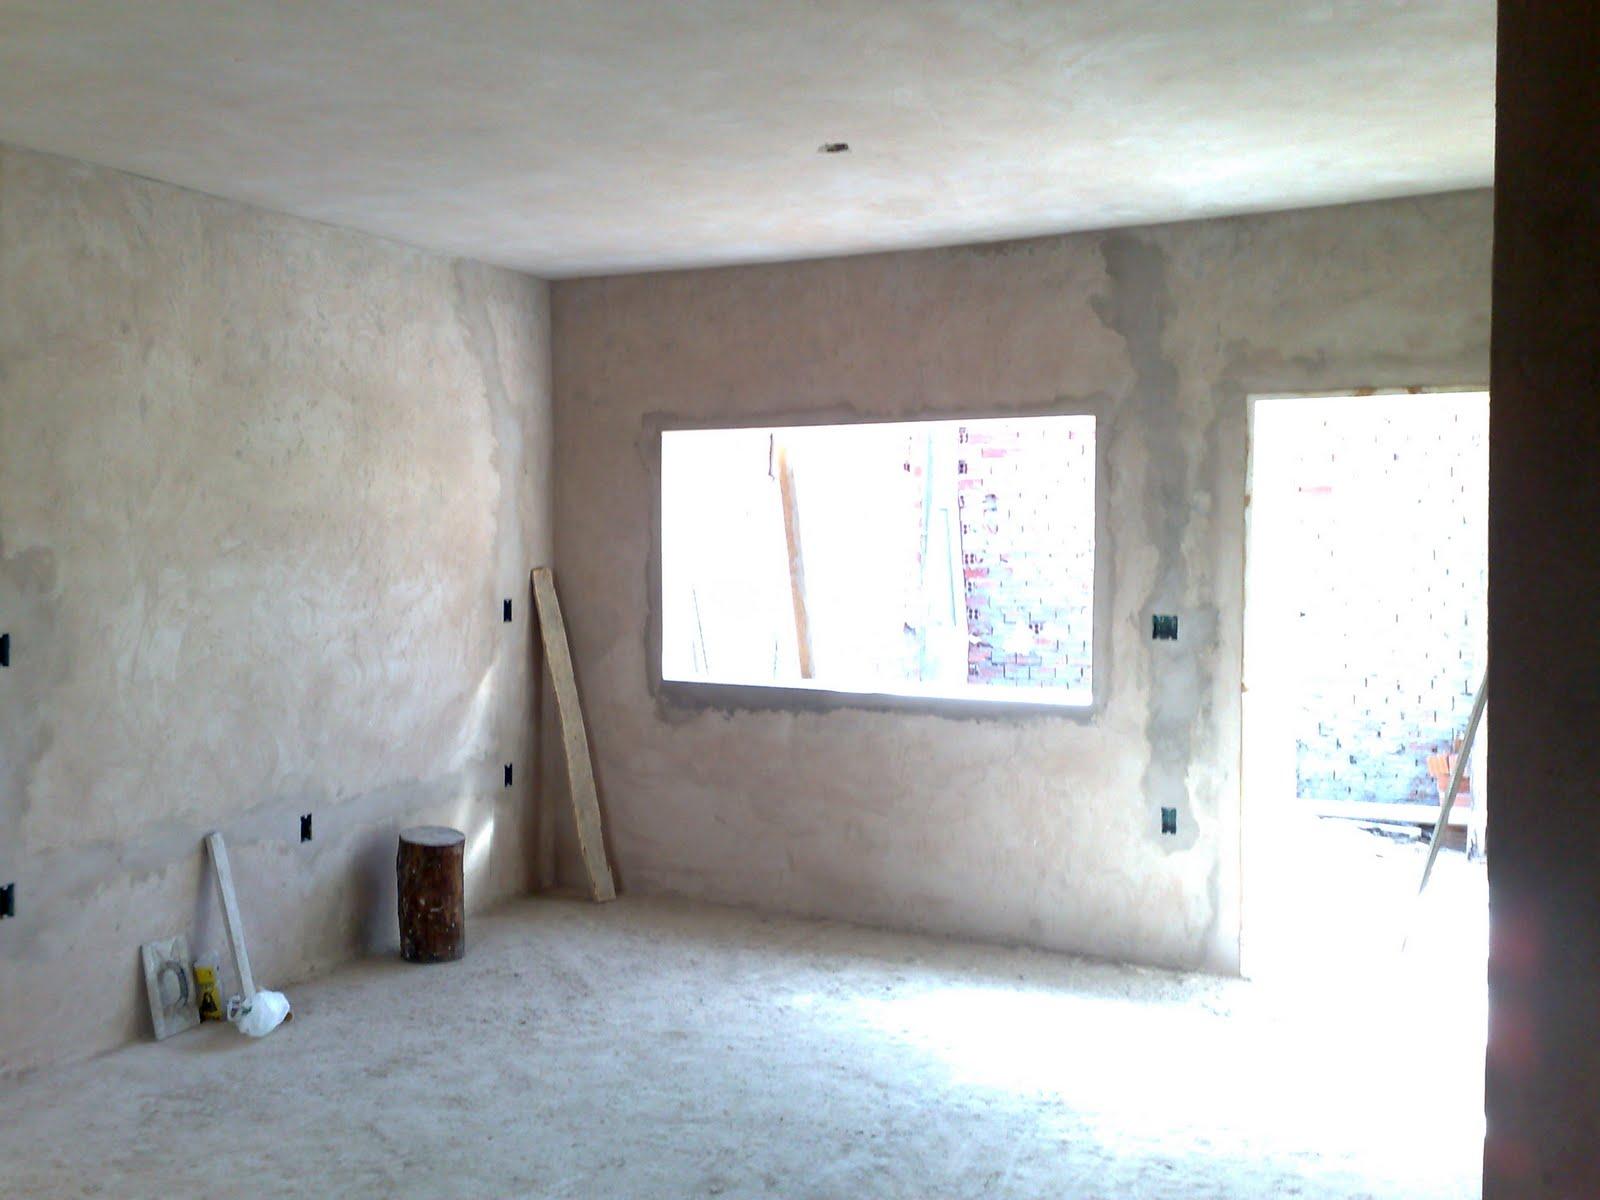 #536878  passo da construção da minha primeira casa: Batentes e janelas 42 Janelas De Vidro Cozinha